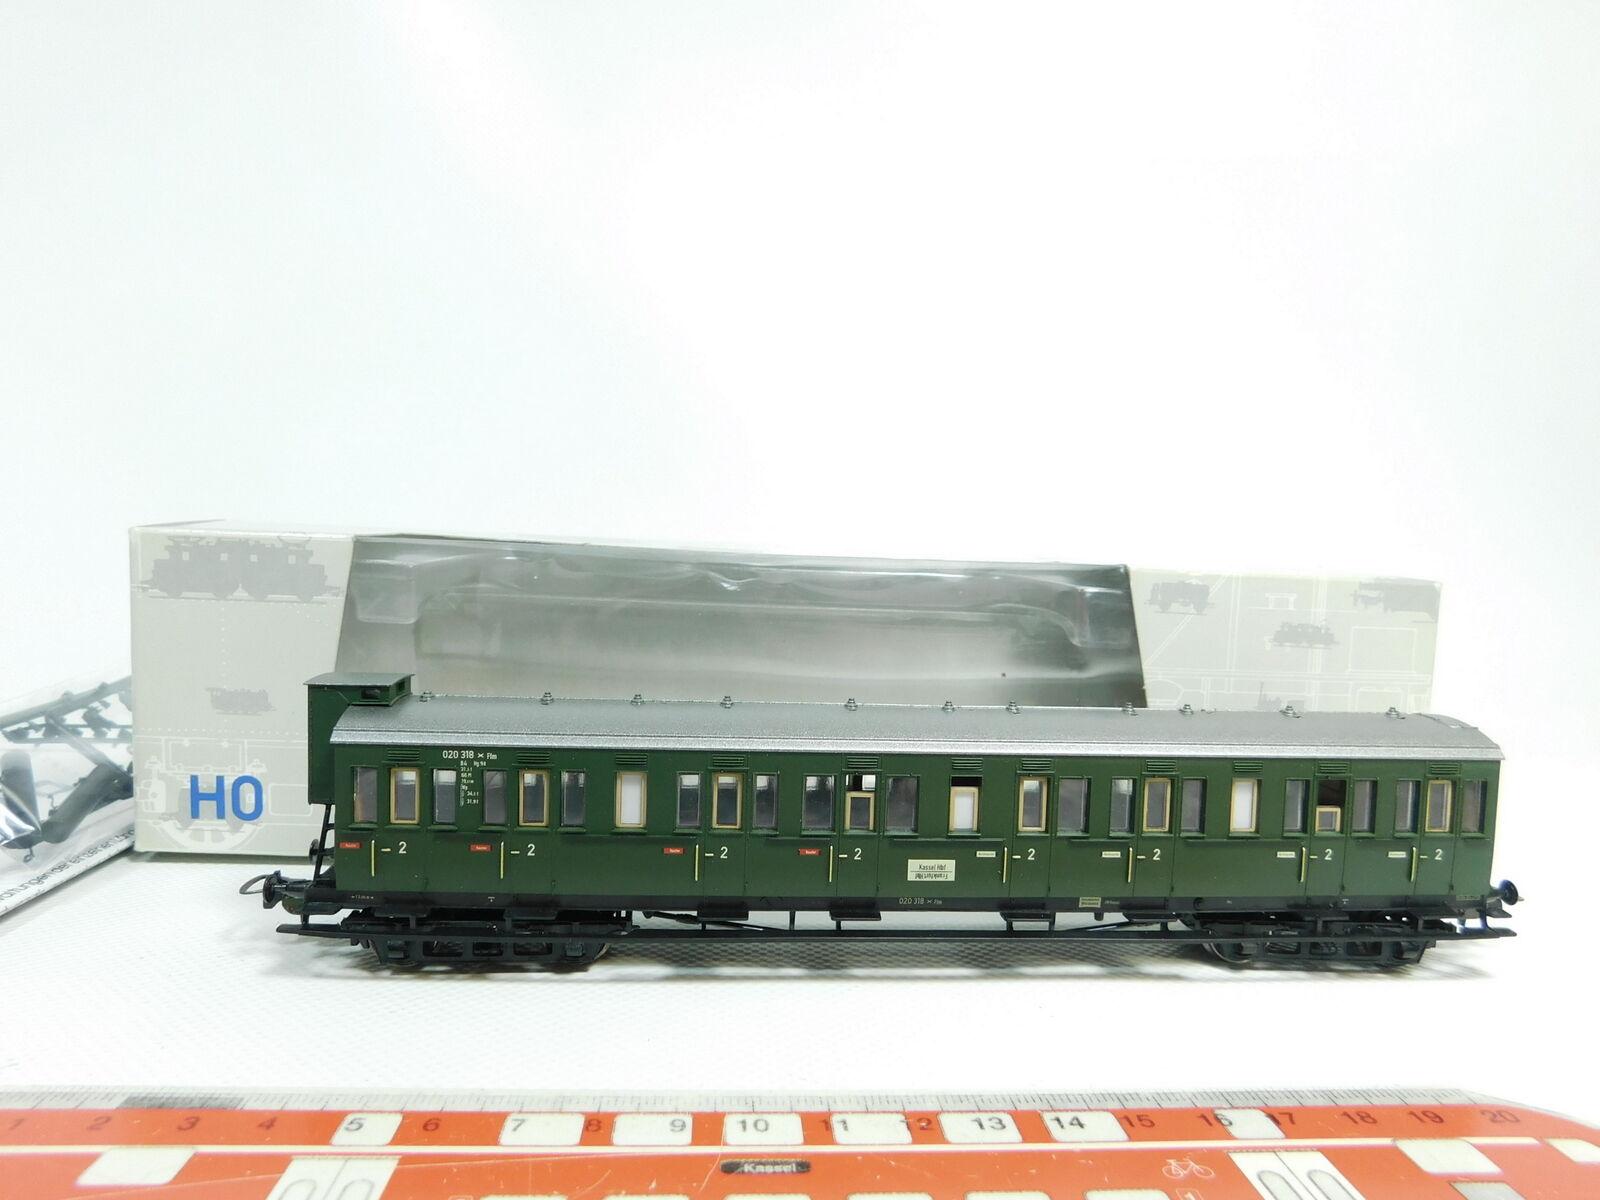 BF403-0,5  Piko H0 DC 53015 Abteilwagen Personenwagen 020 020 020 318 DB NEM, NEUWOVP  | Nicht so teuer  a11c42